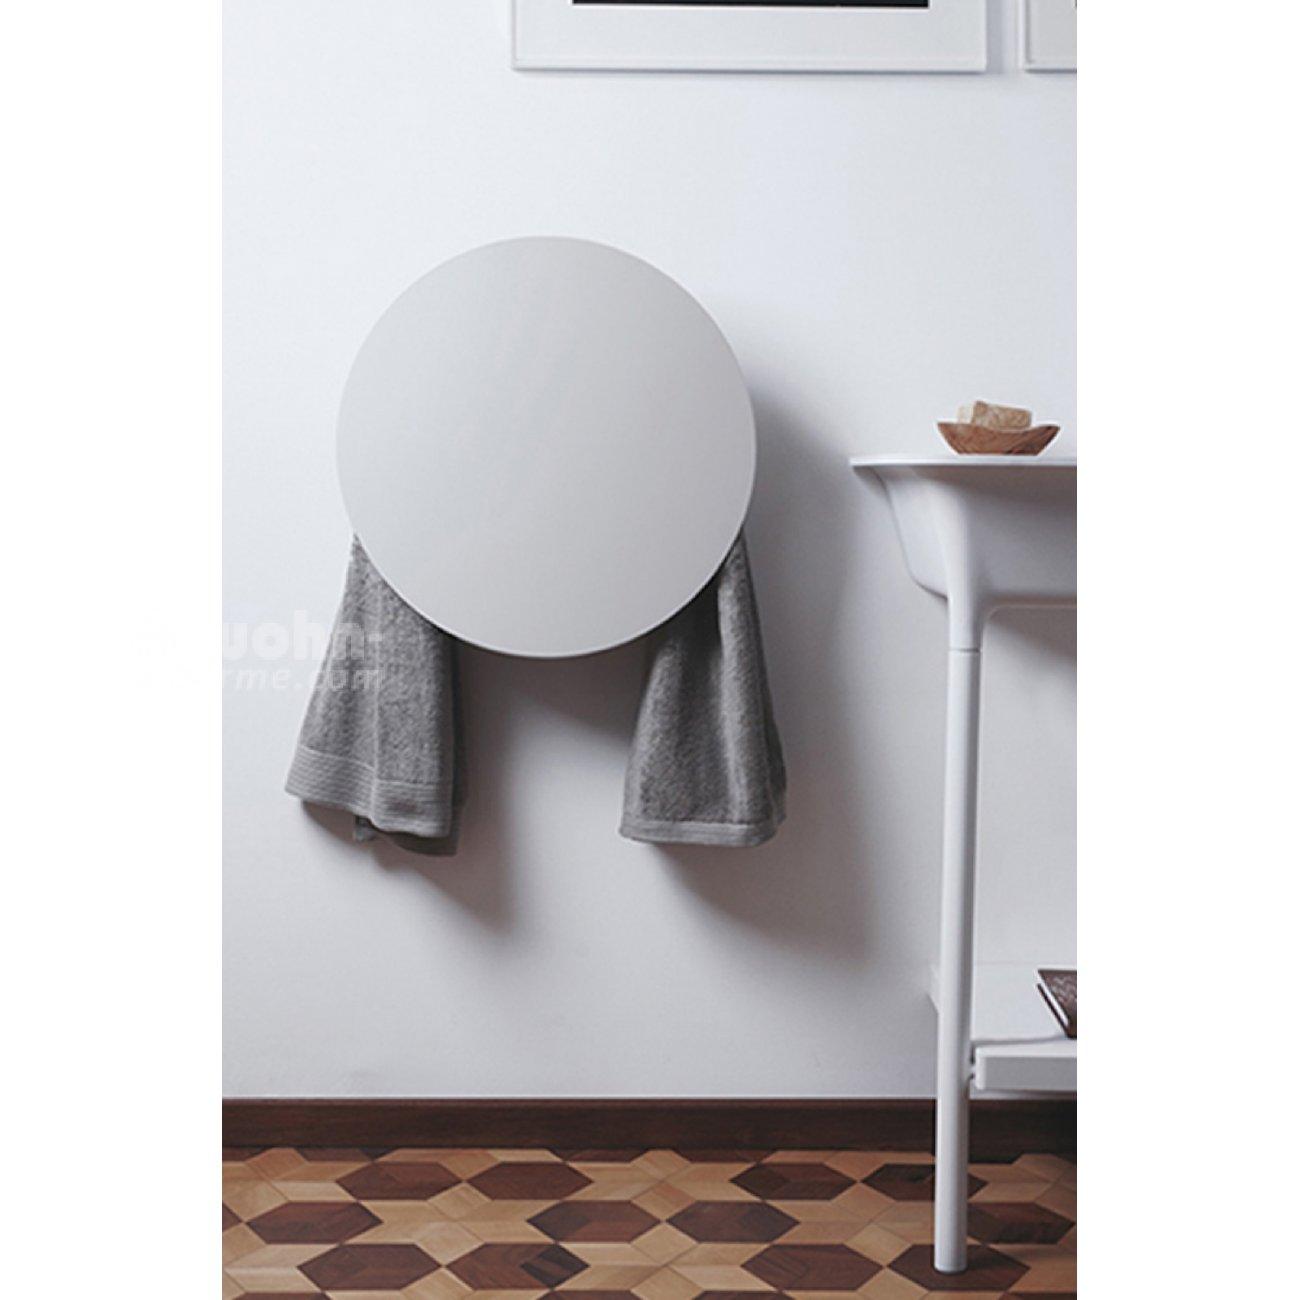 elektrischer handtuchw rmer round neues design im bad. Black Bedroom Furniture Sets. Home Design Ideas